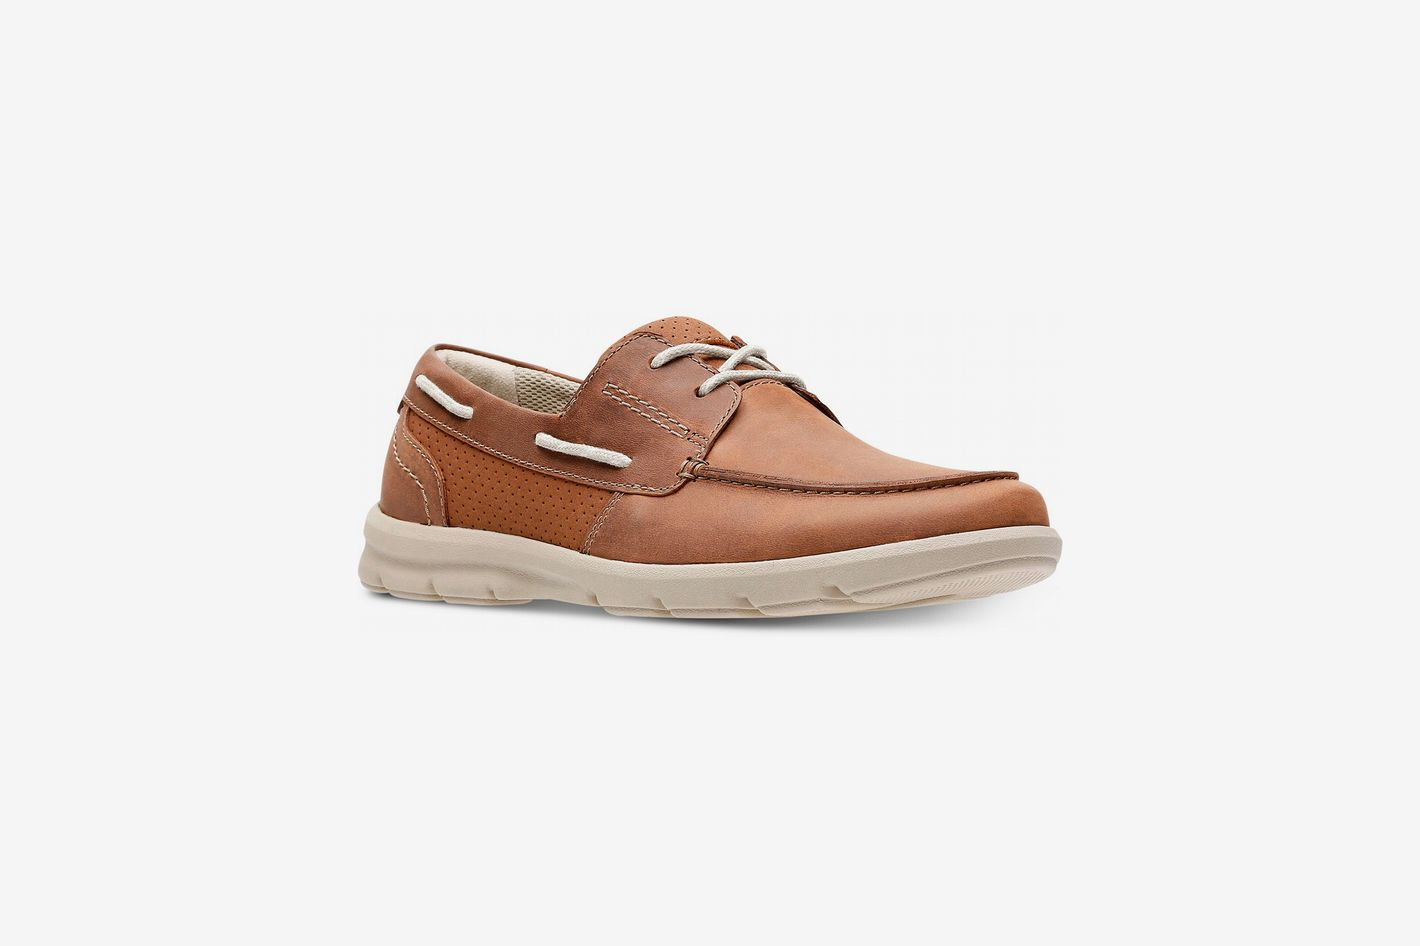 Clarks Men's Jarwin Edge Slip-On Shoes